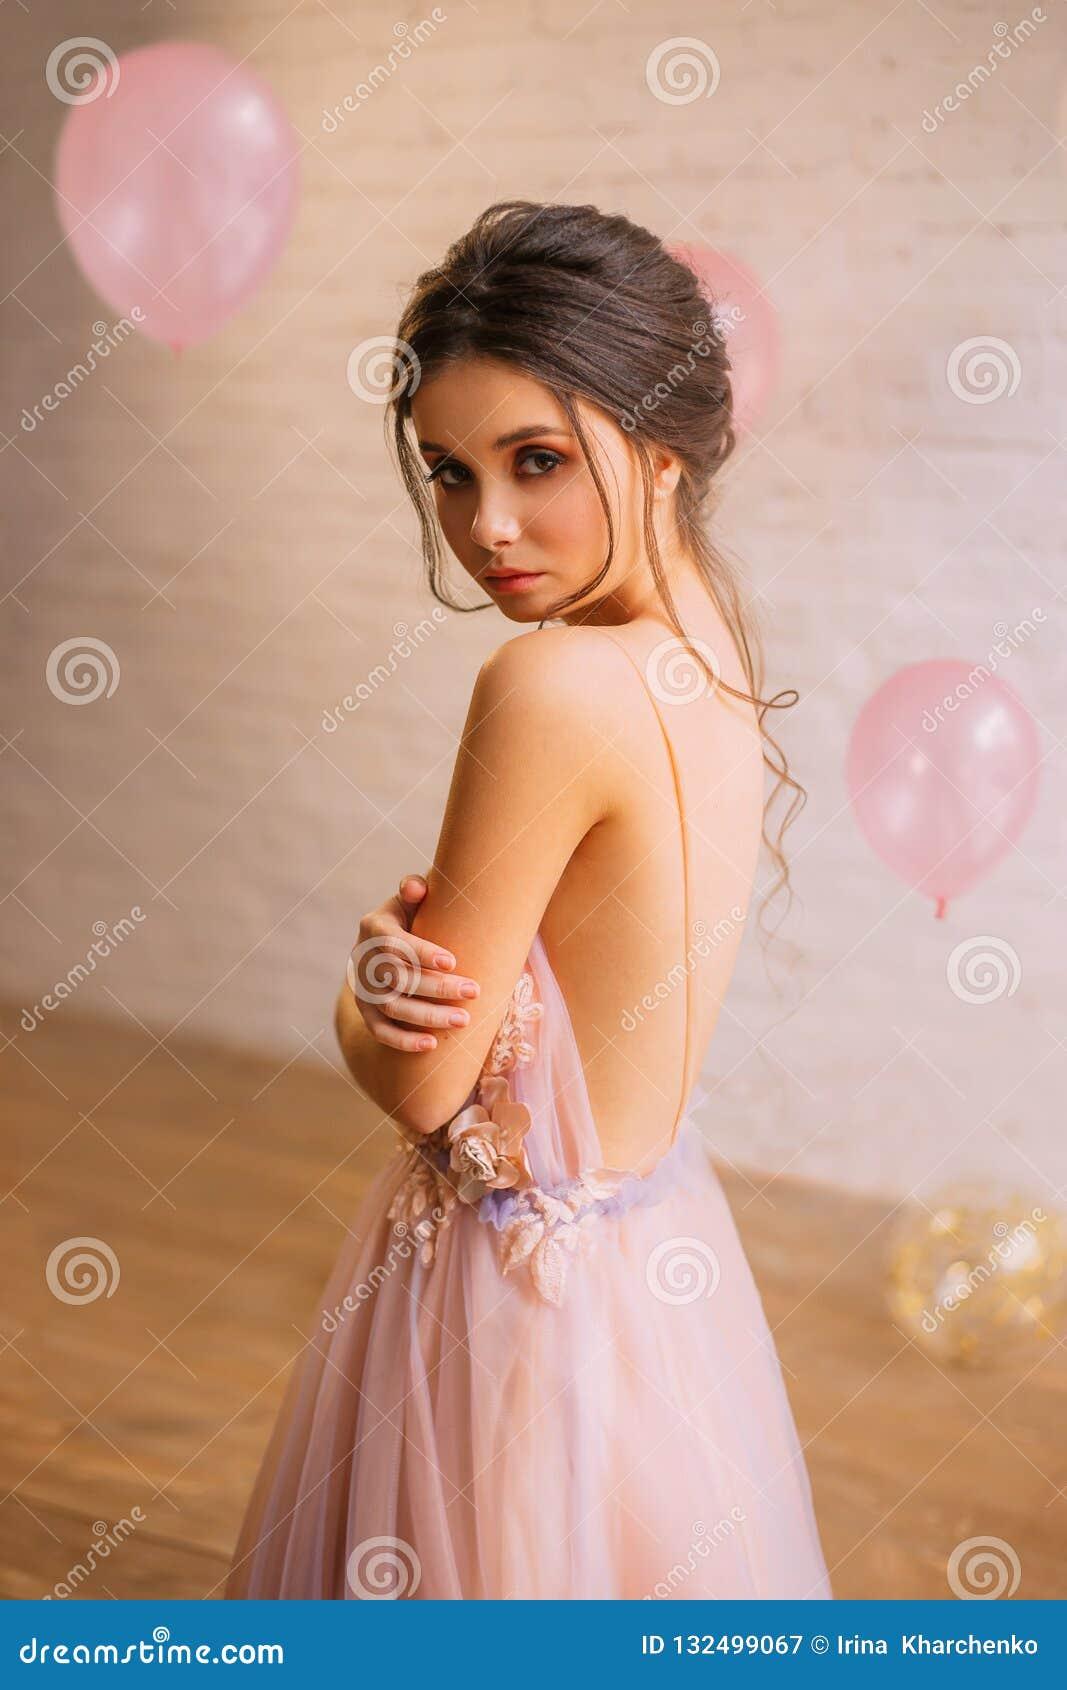 Ragazza attraente con capelli scuri in un acconciatura splendida, vestita in un rosa delicato lungo con un vestito porpora con